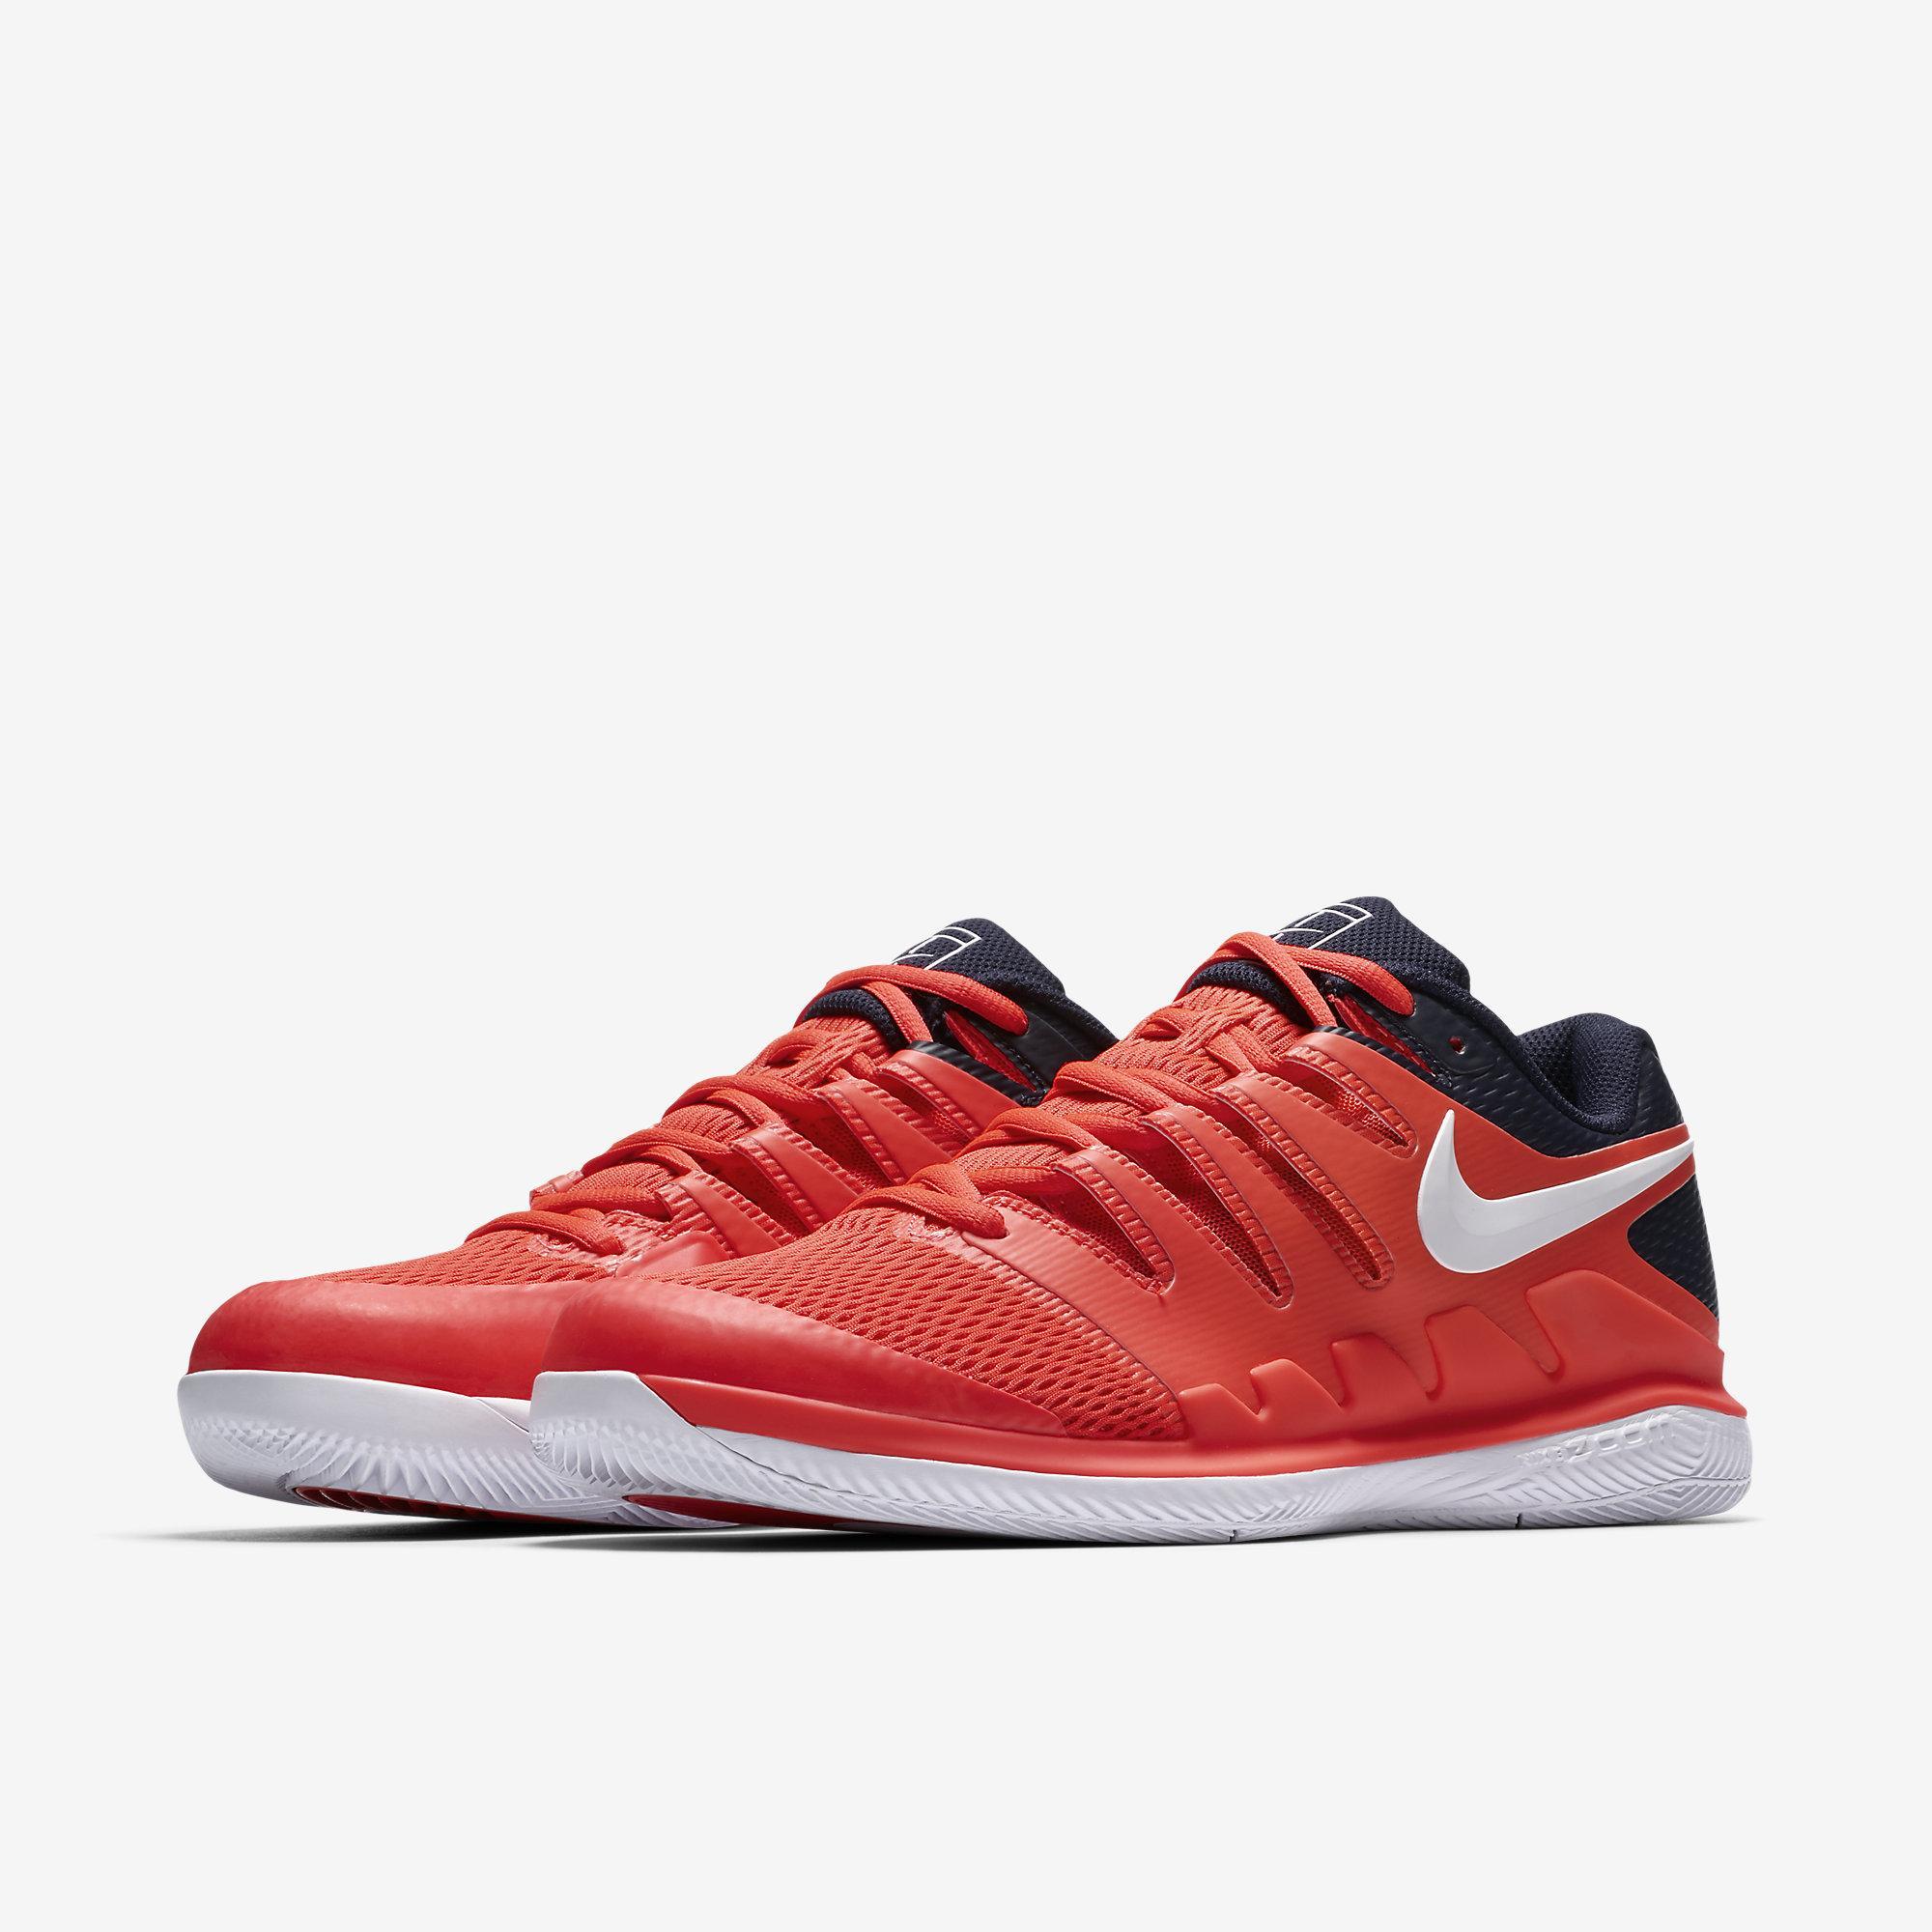 Nike Air Zoom Vapor X Clay Light CreamSchwarzHyper